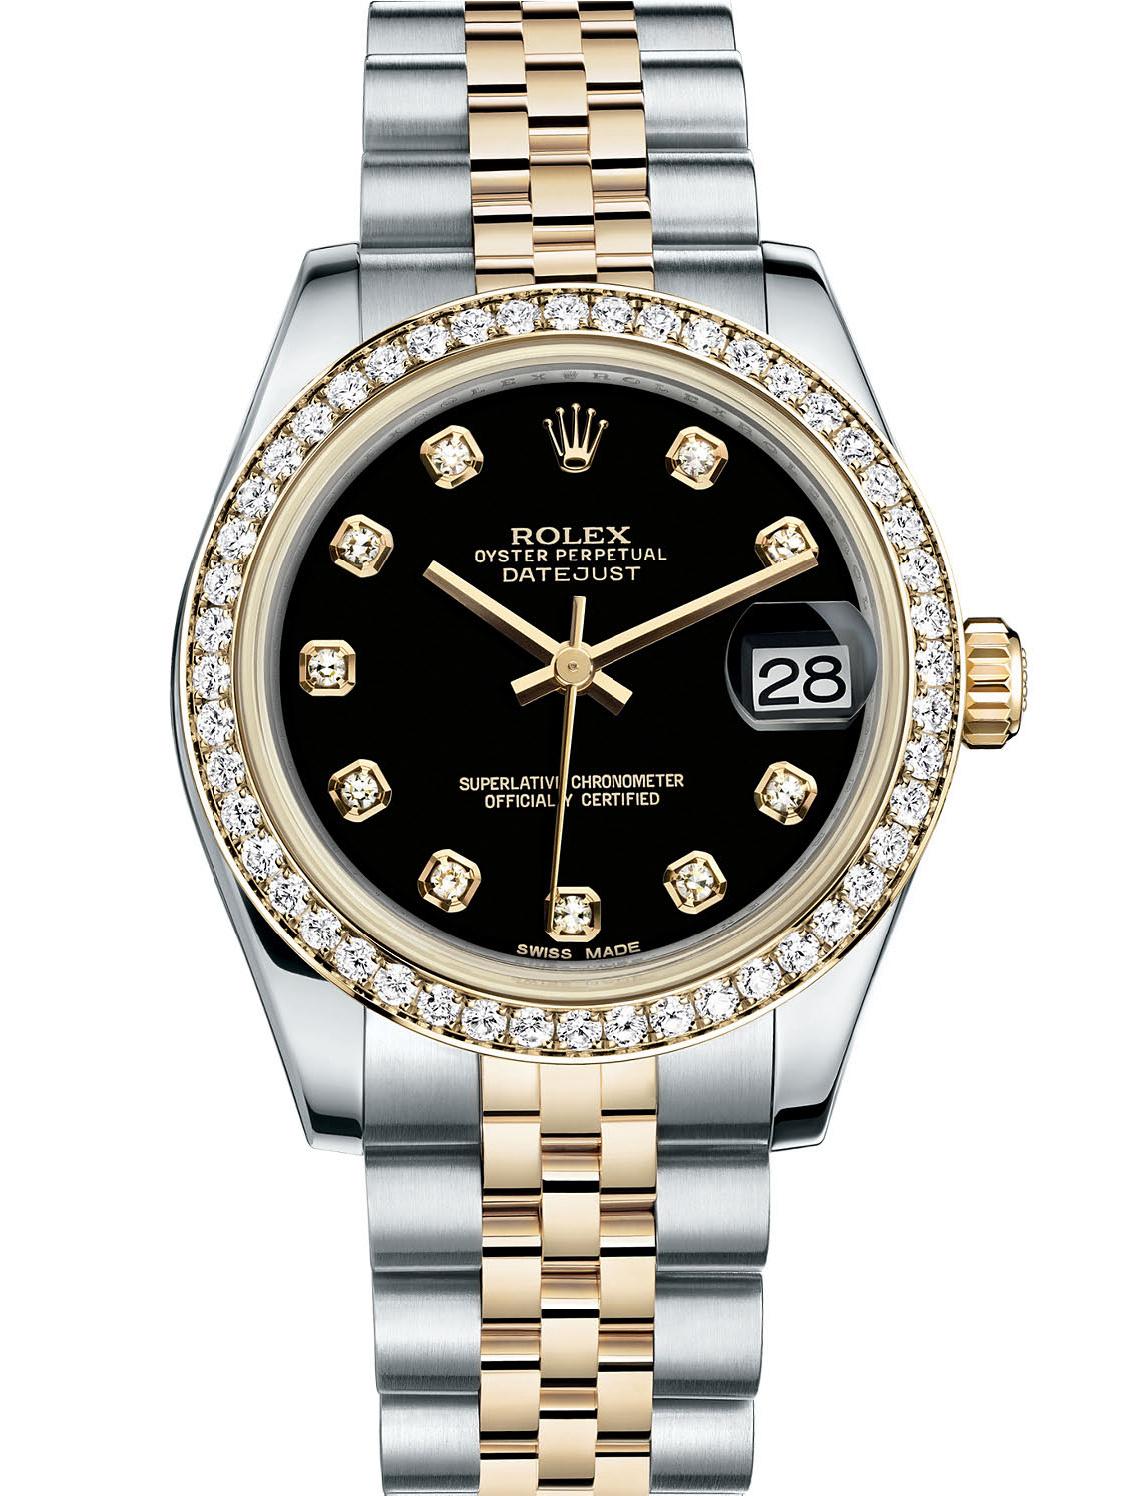 劳力士女装日志型31黄金钢钻圈黑面钻标女表178383-0034